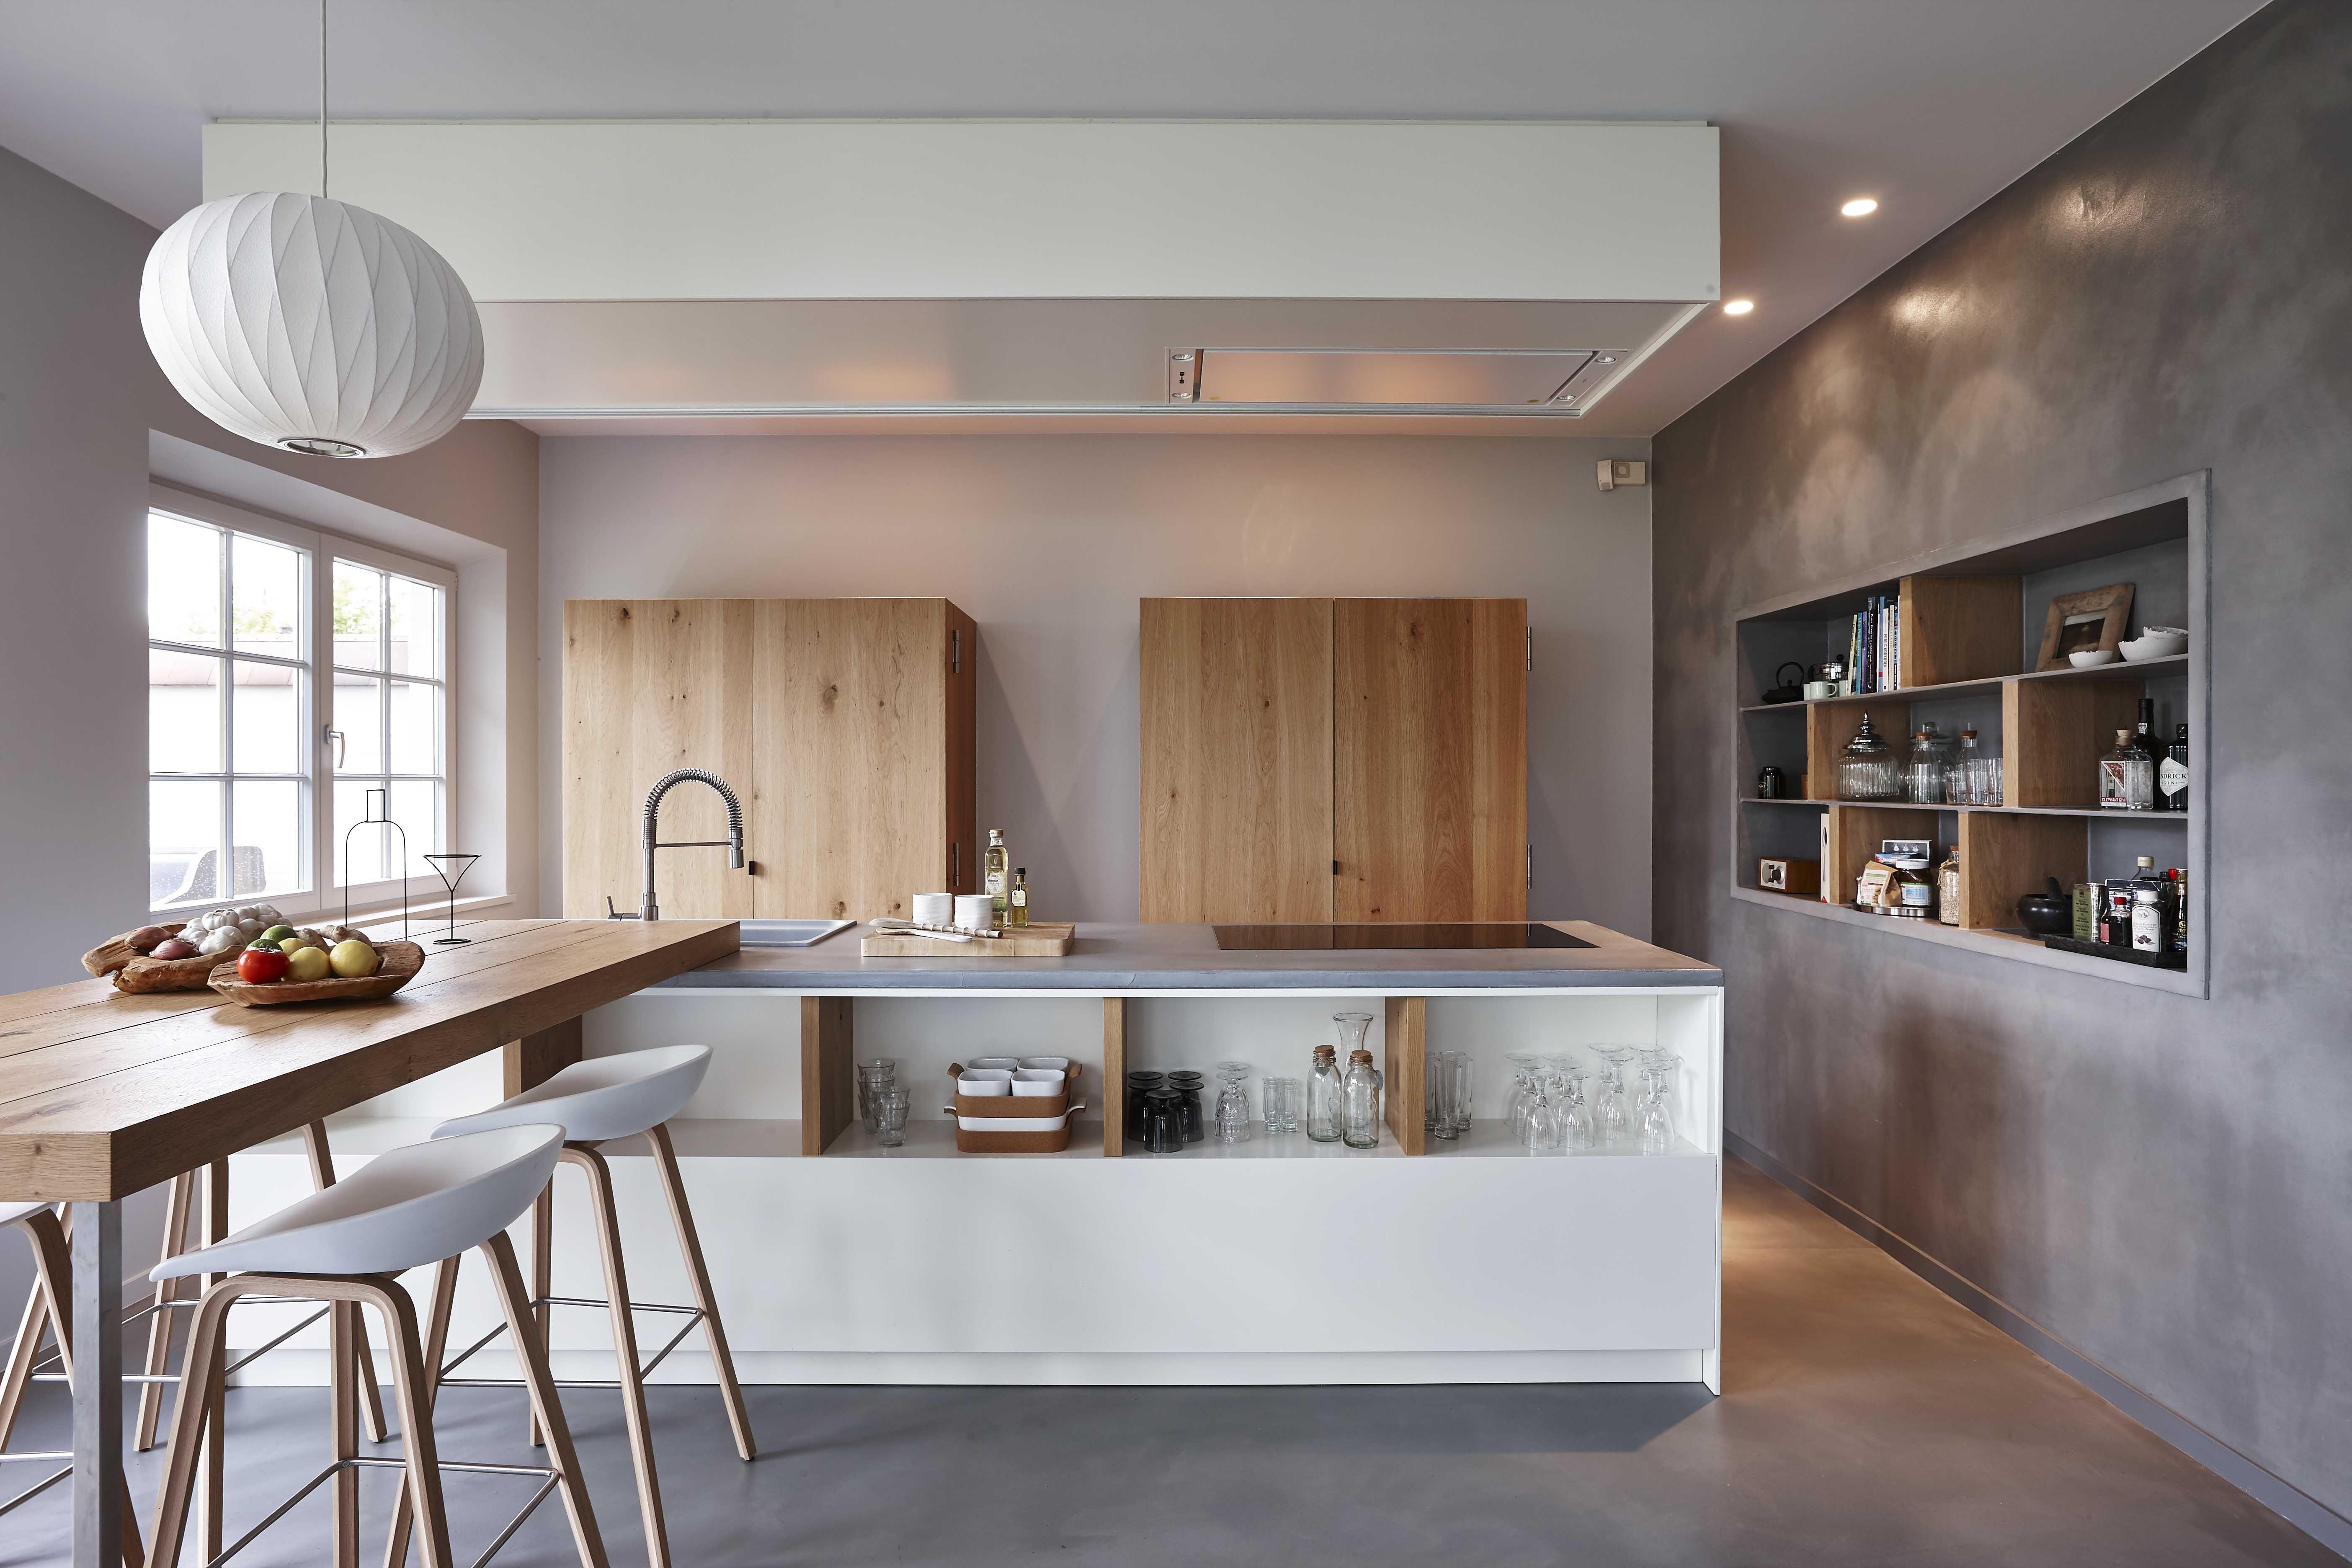 Cuisine design bois et béton dans une maison en Belgique ...